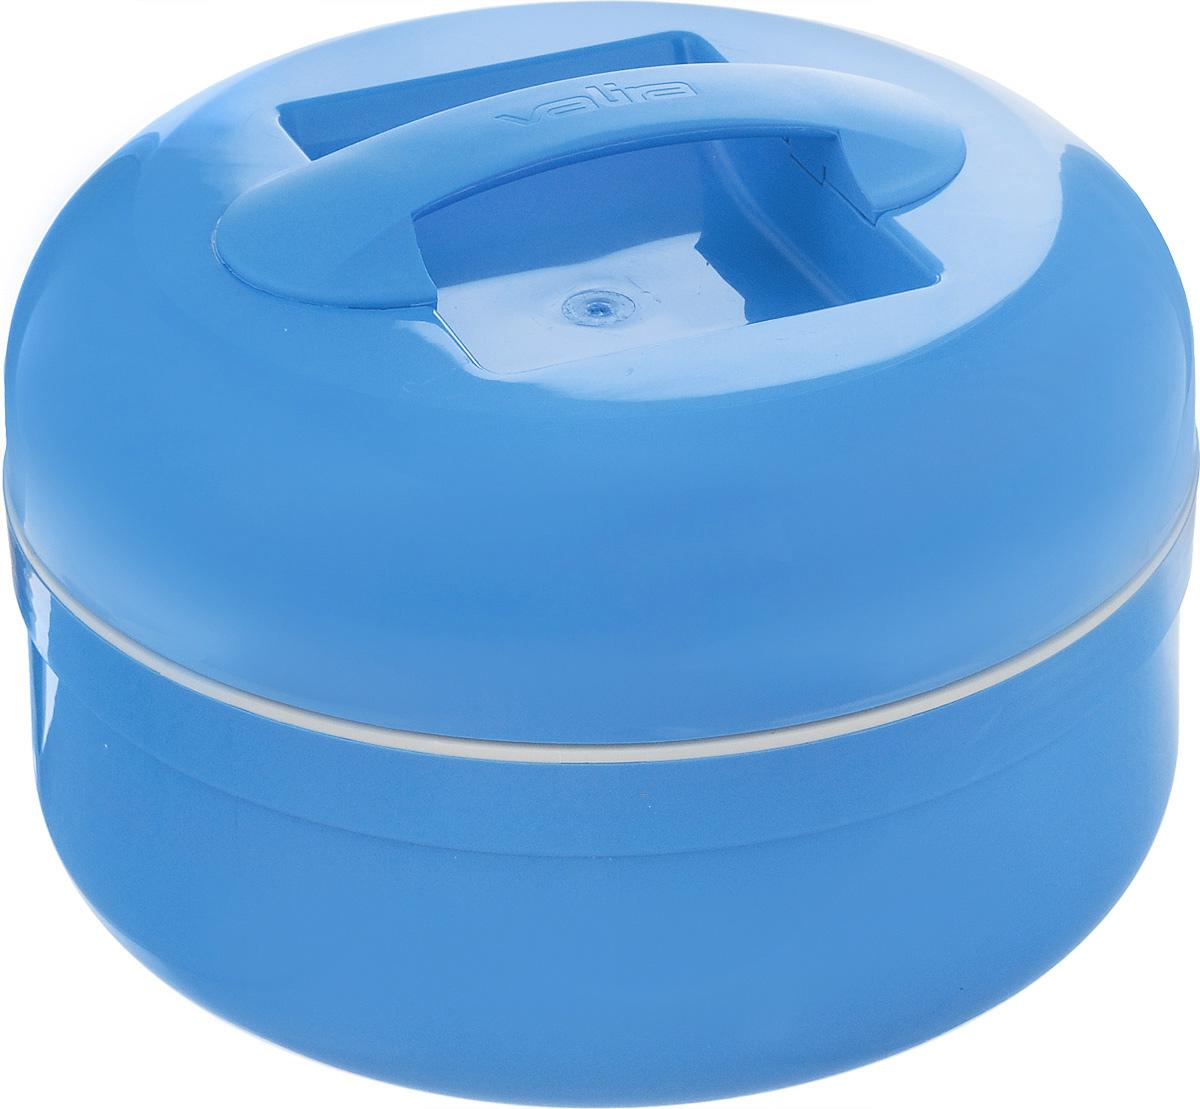 Термоконтейнер для еды Valira Thermic Food, цвет: голубой, 1,5 л6209/139Термоконтейнер Valira Thermic Food - это удобный и легкий термический контейнер для еды, который сохраняет температуру пищи до 6 часов. Контейнер выполнен из цветного пищевого пластика, внутри расположена стеклянная колба, а, как известно, стекло позволяет хранить тепло и холод лучше всех других материалов. Контейнер очень вместительный, в нем с легкостью поместится обед для всей семьи, также внутри можно хранить небольшие банки с напитками. Если нет возможности разогреть или сохранить температуру пищи, этот термоконтейнер будет вашим незаменимым помощником. Контейнер укомплектован съемной емкостью с крышкой. Герметично закрывается крышкой и имеет удобную ручку для переноски. Такой контейнер - прекрасное решение для отдыха на природе. Диаметр съемной емкости: 19 см. Высота съемной емкости: 4,2 см.